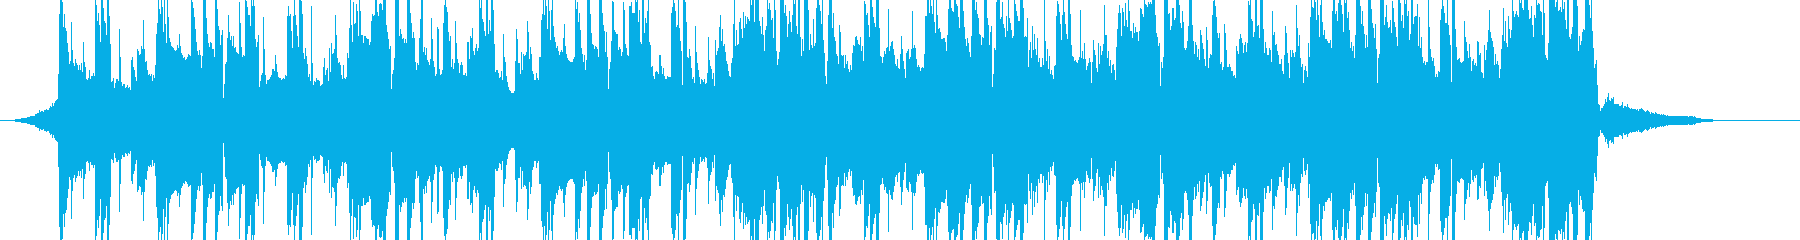 レトロ ほのぼの 幸せ ゆっくり ...の再生済みの波形